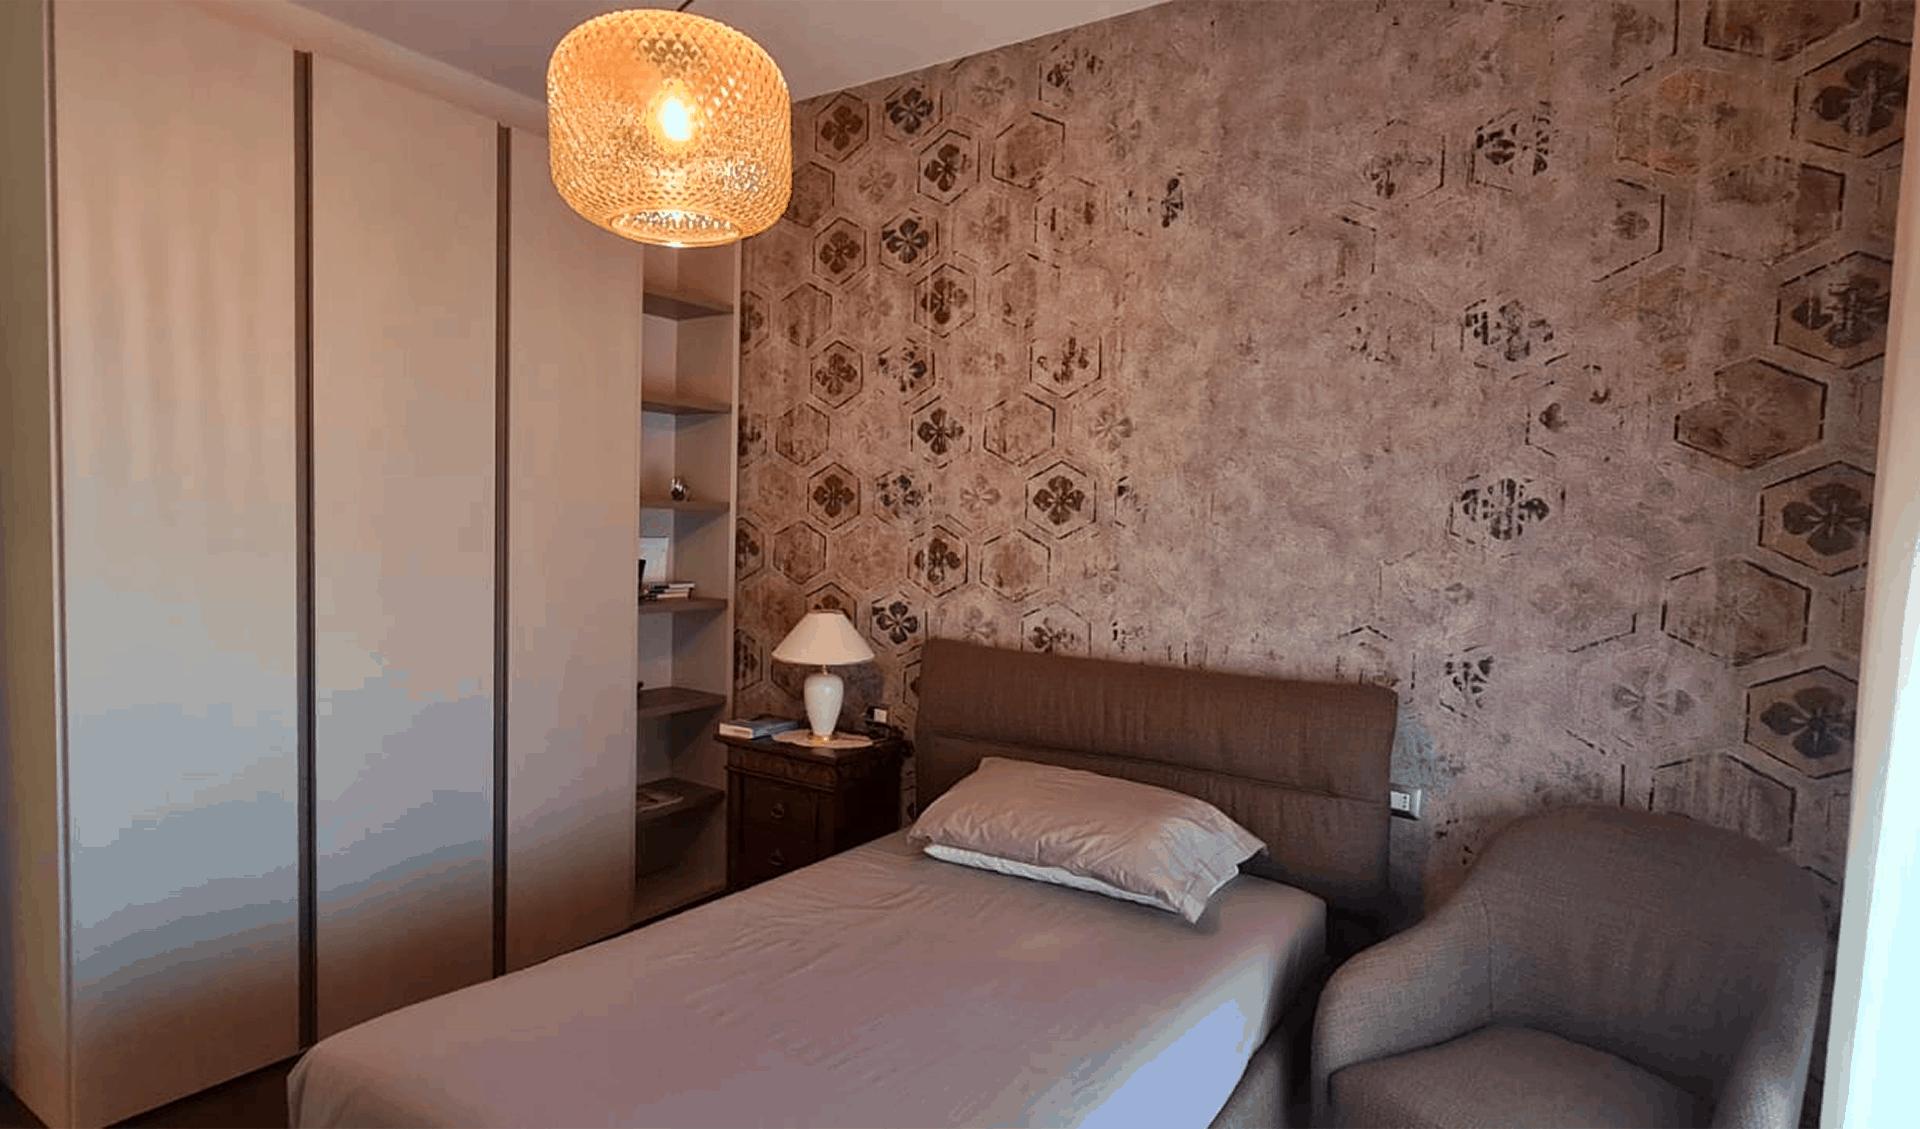 Progetto arredamento camera da letto - D'Amico Arreda